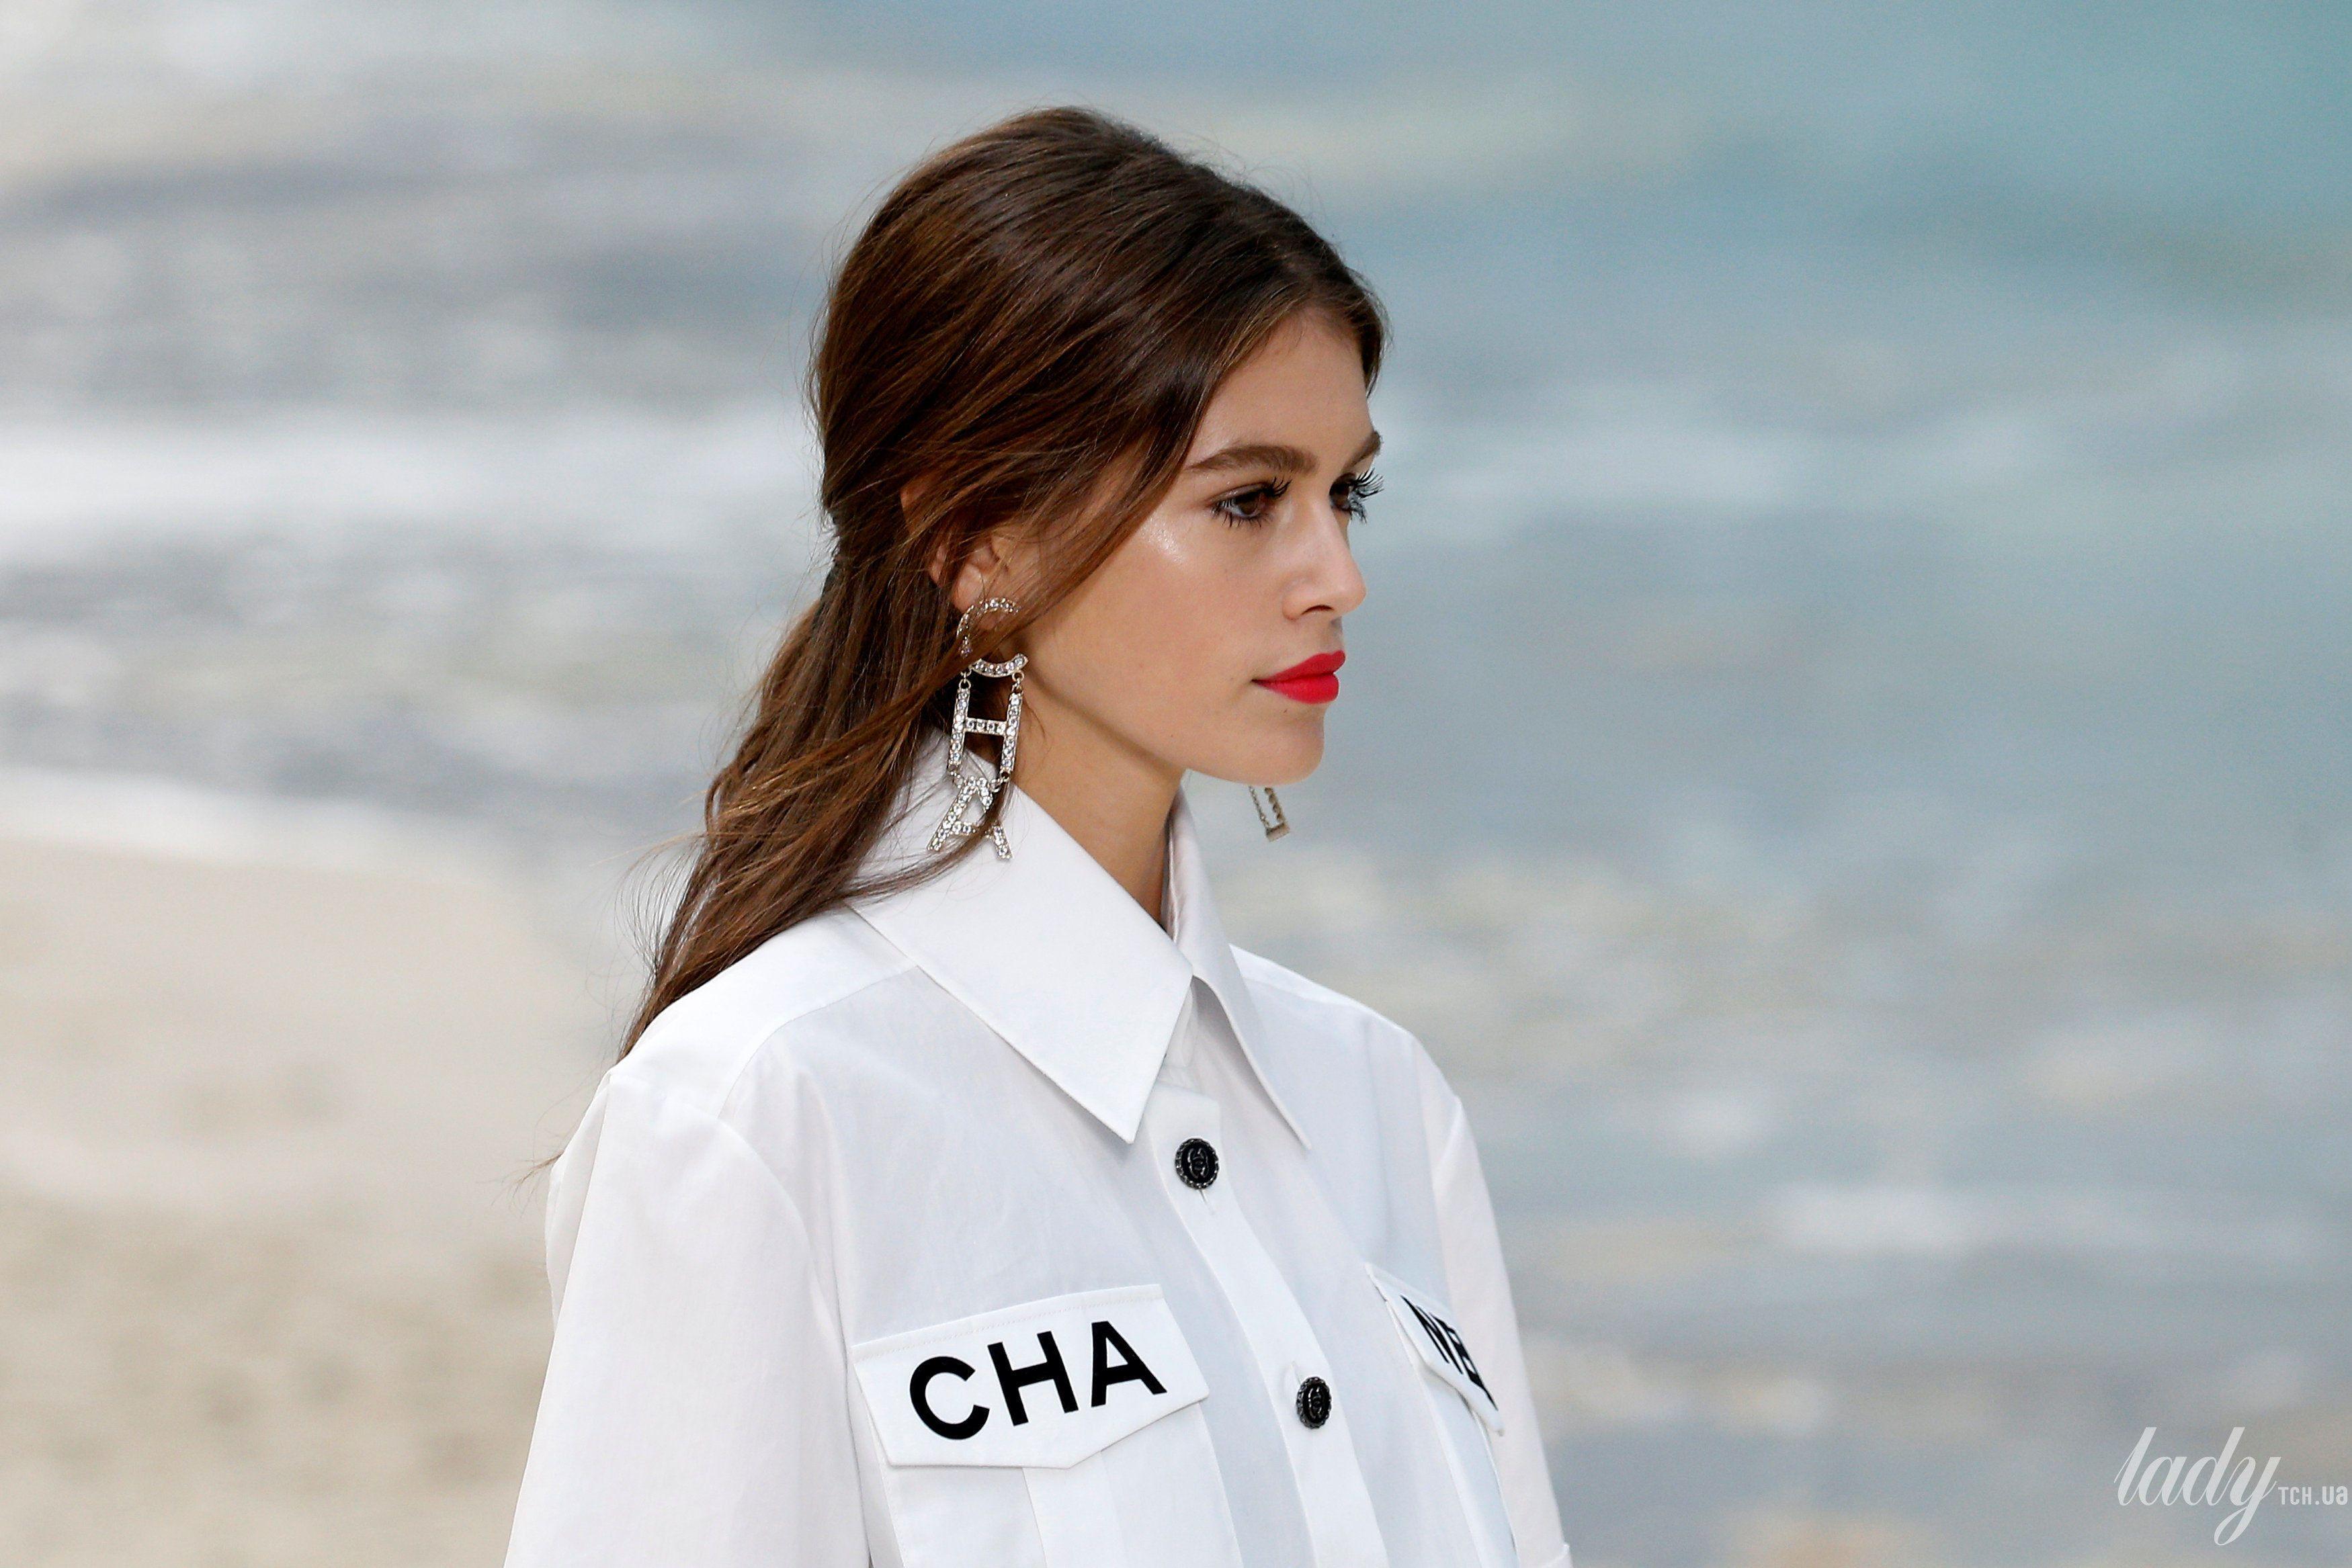 Скромно, але стильно  Ванесса Параді відвідала феєричне шоу Chanel в ... 15241386f7a